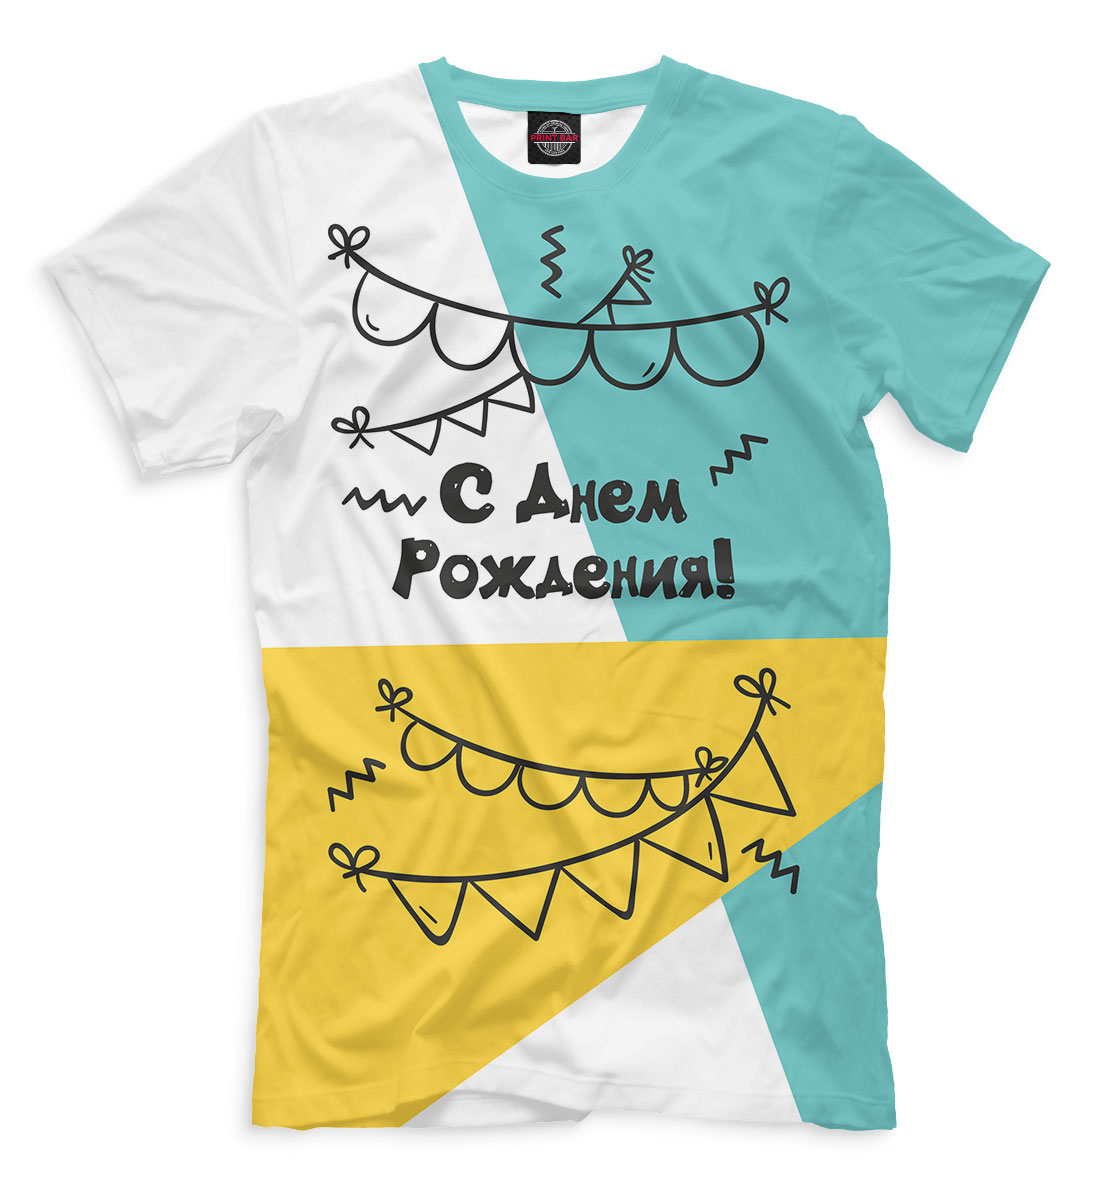 Прикольные картинки на футболках на день рождения, слоник смешной международный